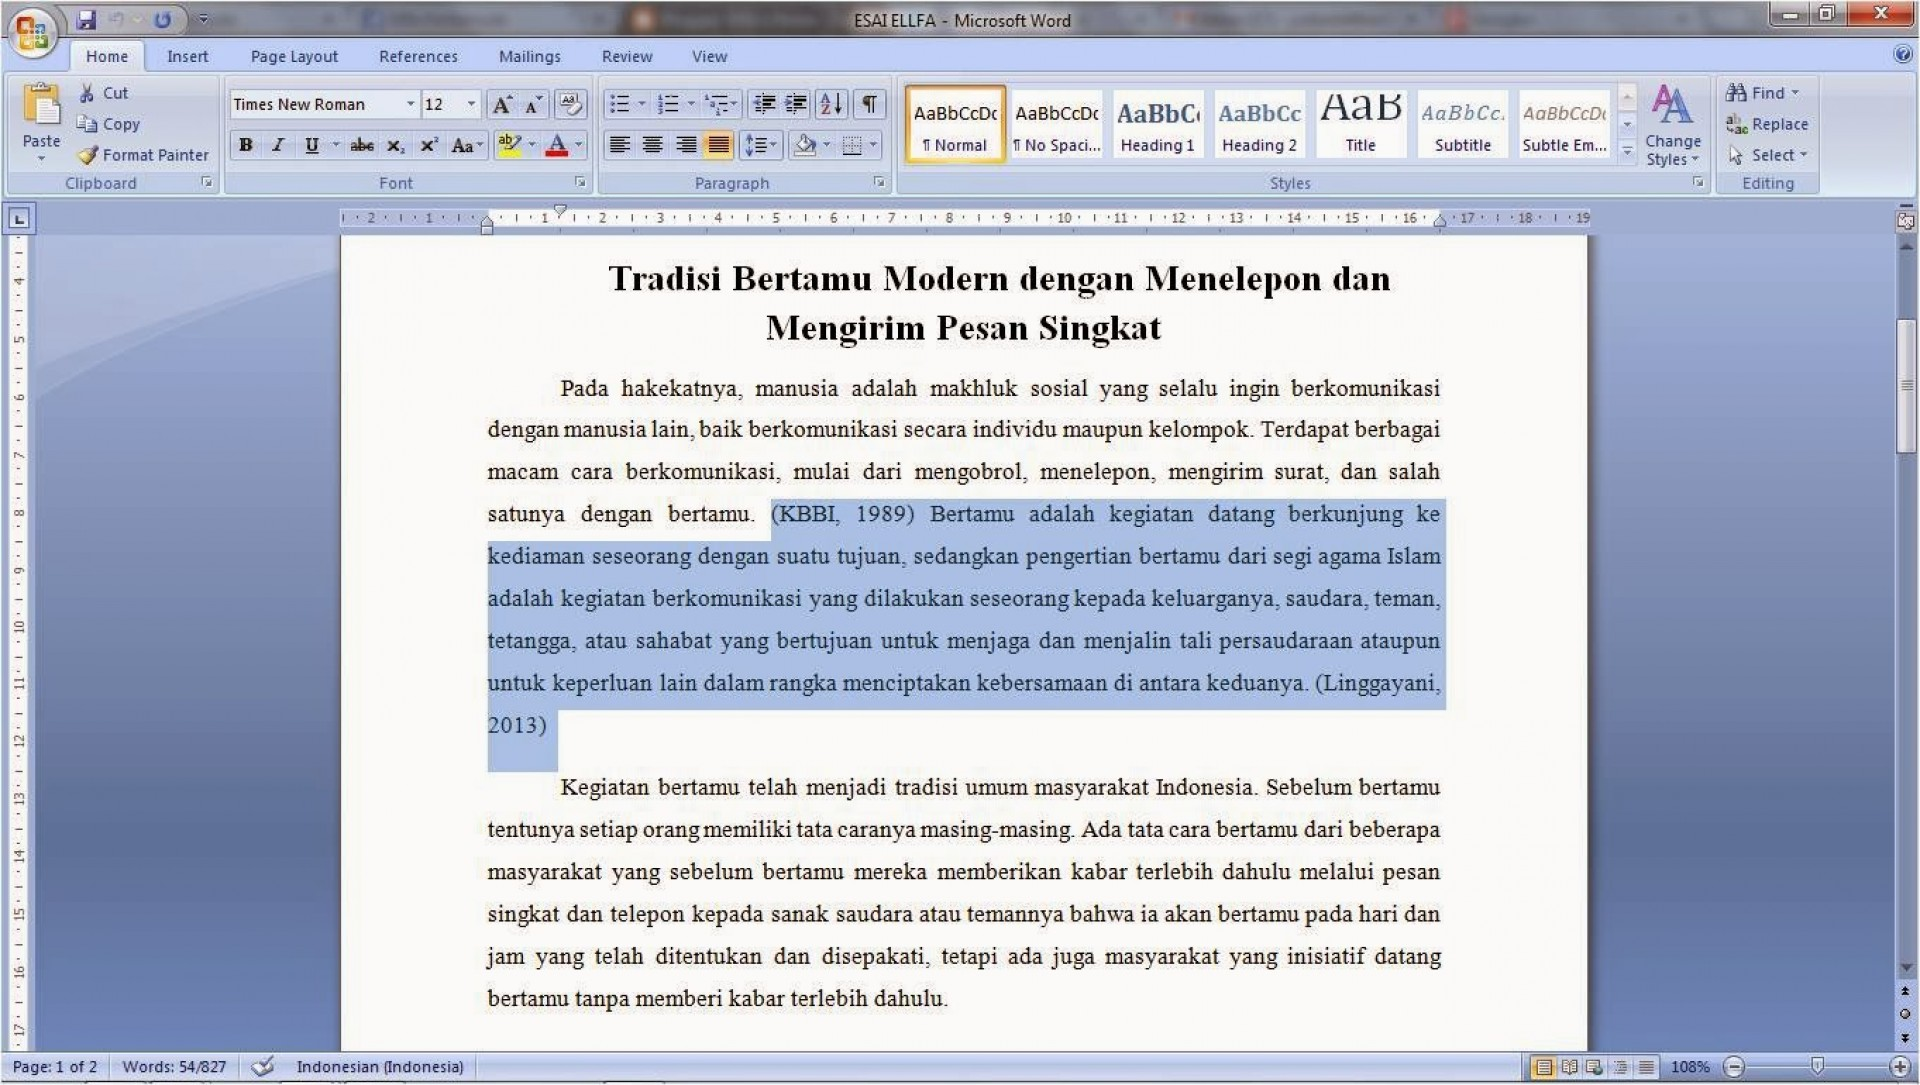 001 Essay Example Cara Menulis Astounding Membuat Argumentative Bahasa Indonesia Mudah Inggris 1920